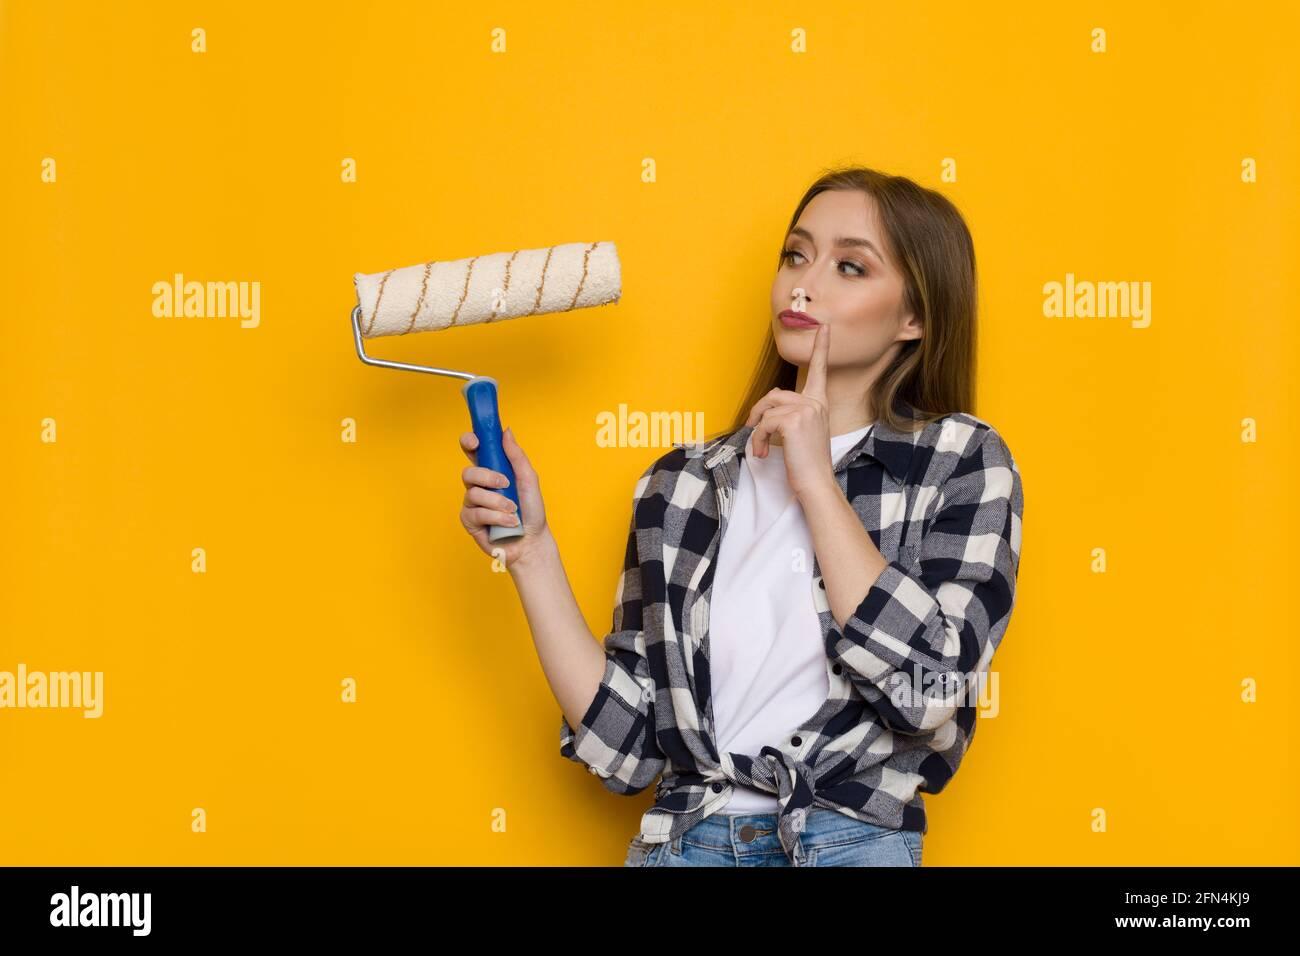 Jeune femme blonde en chemise de bûcherons tient le rouleau de peinture et de penser. Taille relevée sur fond jaune Banque D'Images